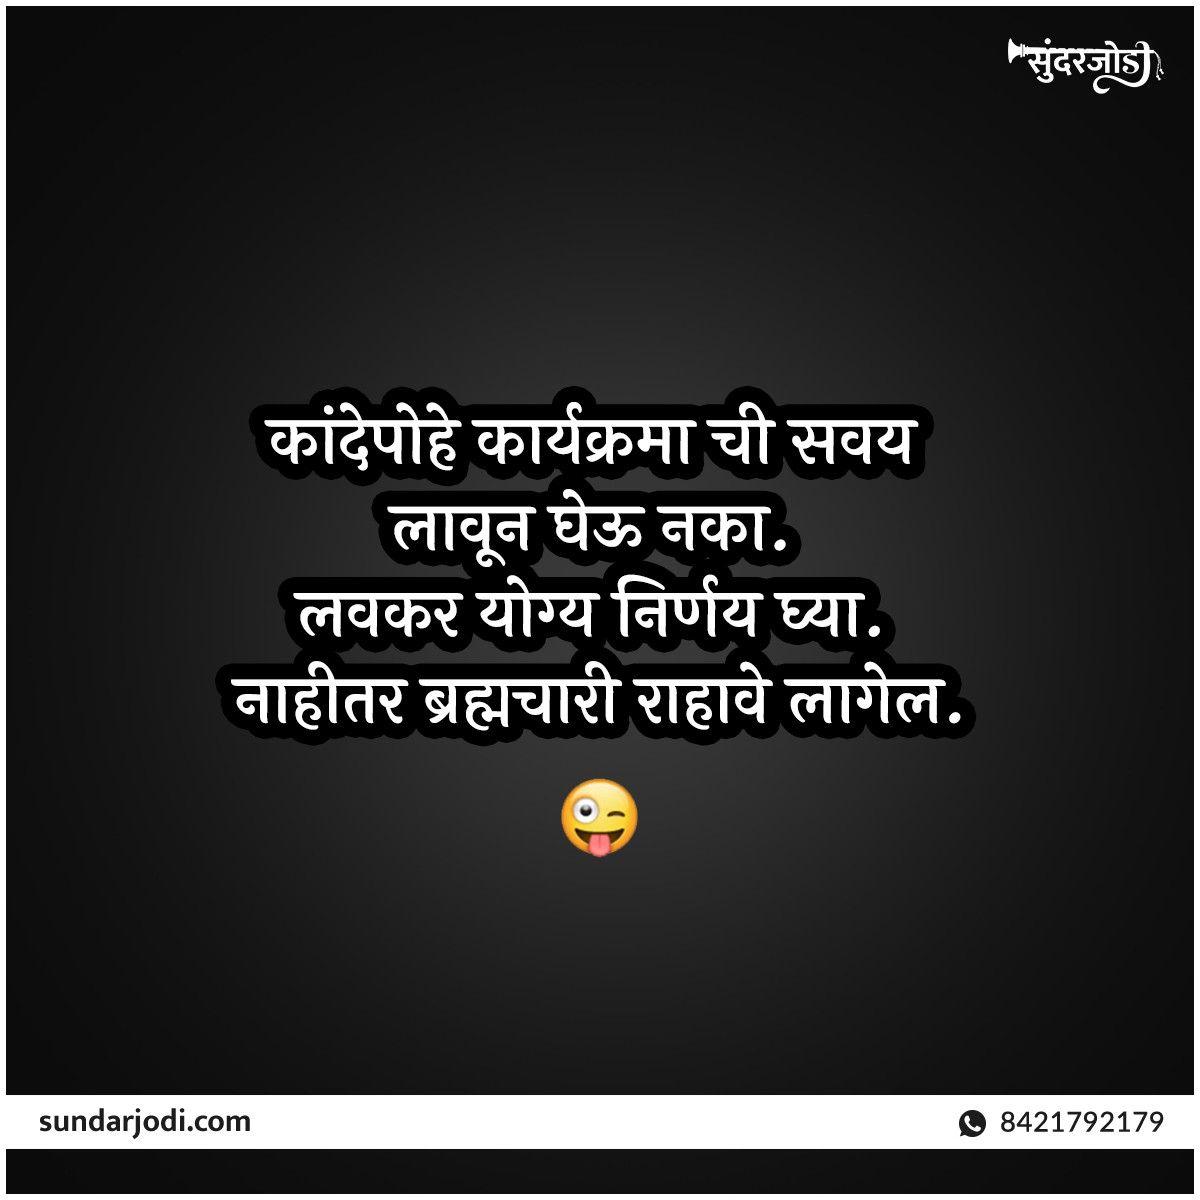 Marathi Lagna Jokes Marathi Matrimony Matrimony Marriage Vows Marathi Matrimony